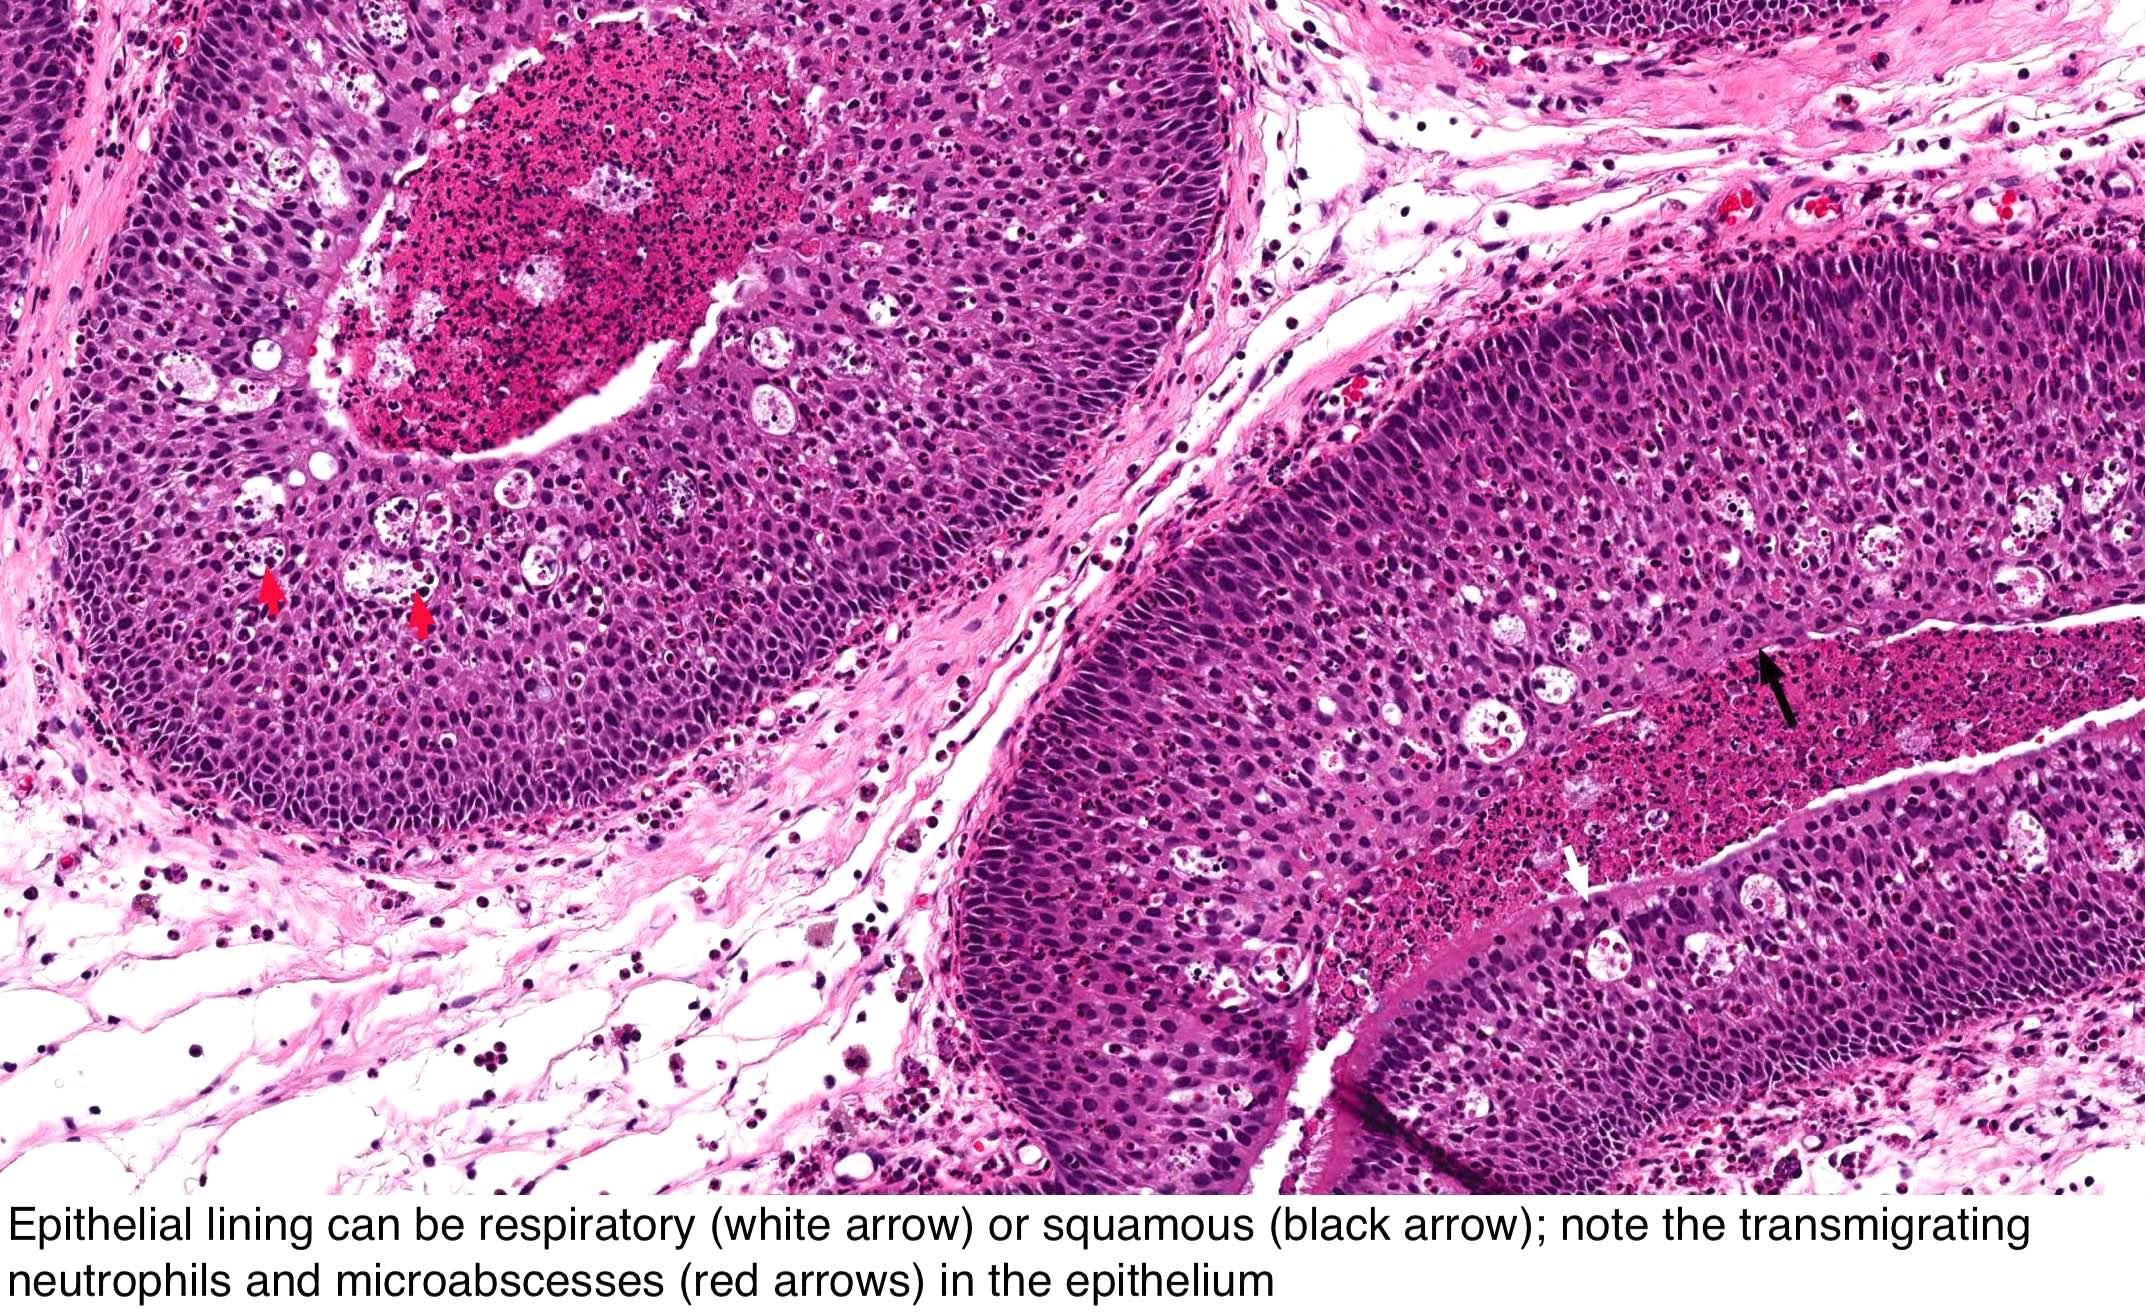 papilloma nasal cavity icd 10 condilom sau arsură